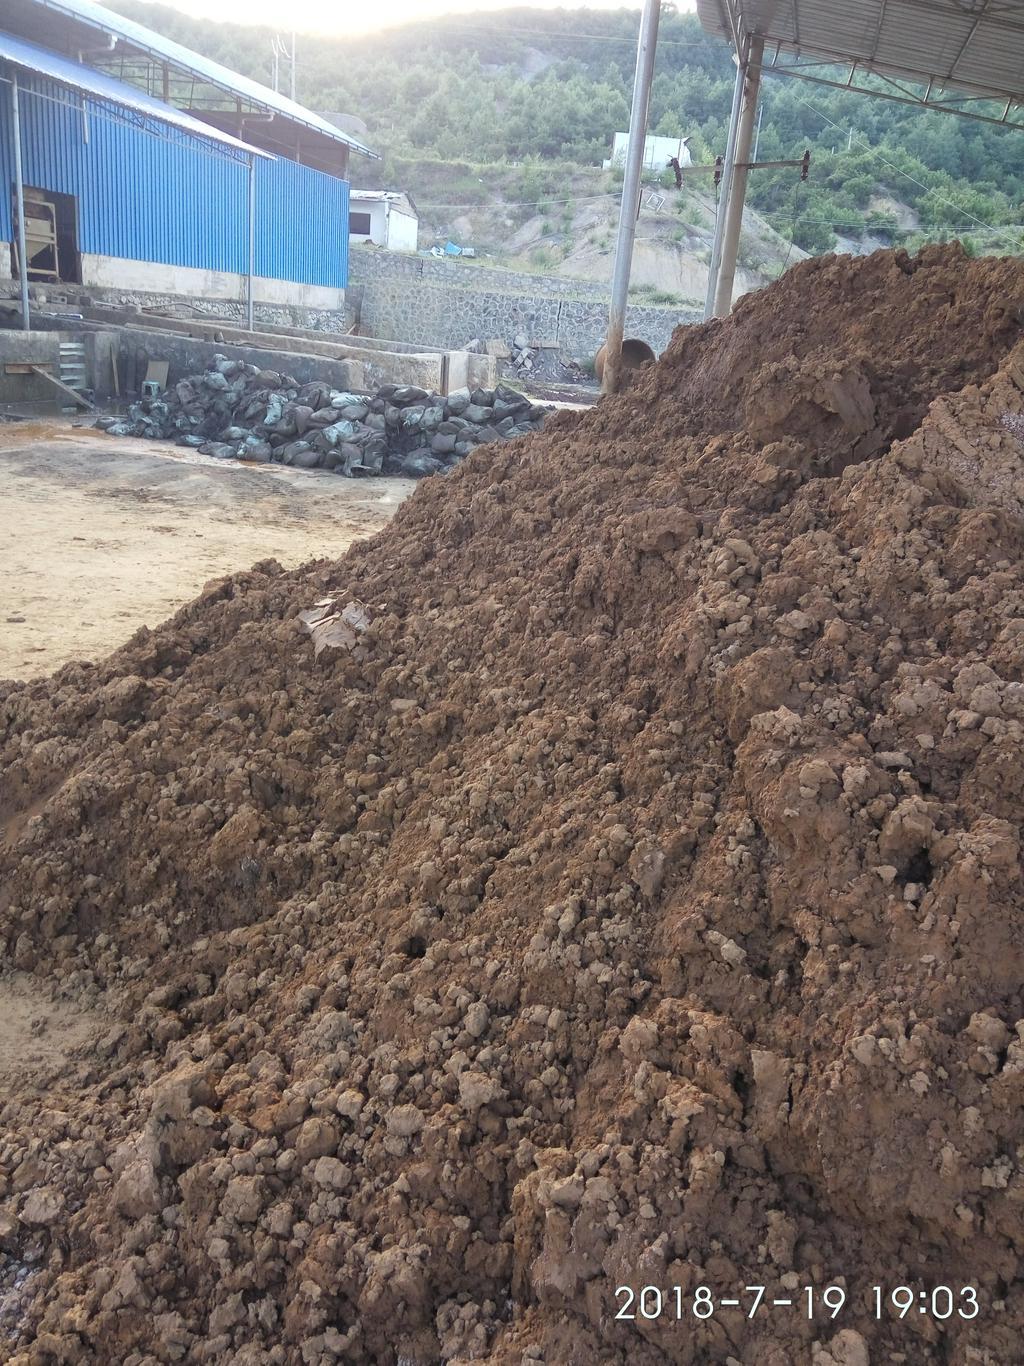 铅锌矿原矿品位价格_供货信息:小陆():氧化铅锌矿!锌25品味以上,铅35左右-SMM商友圈